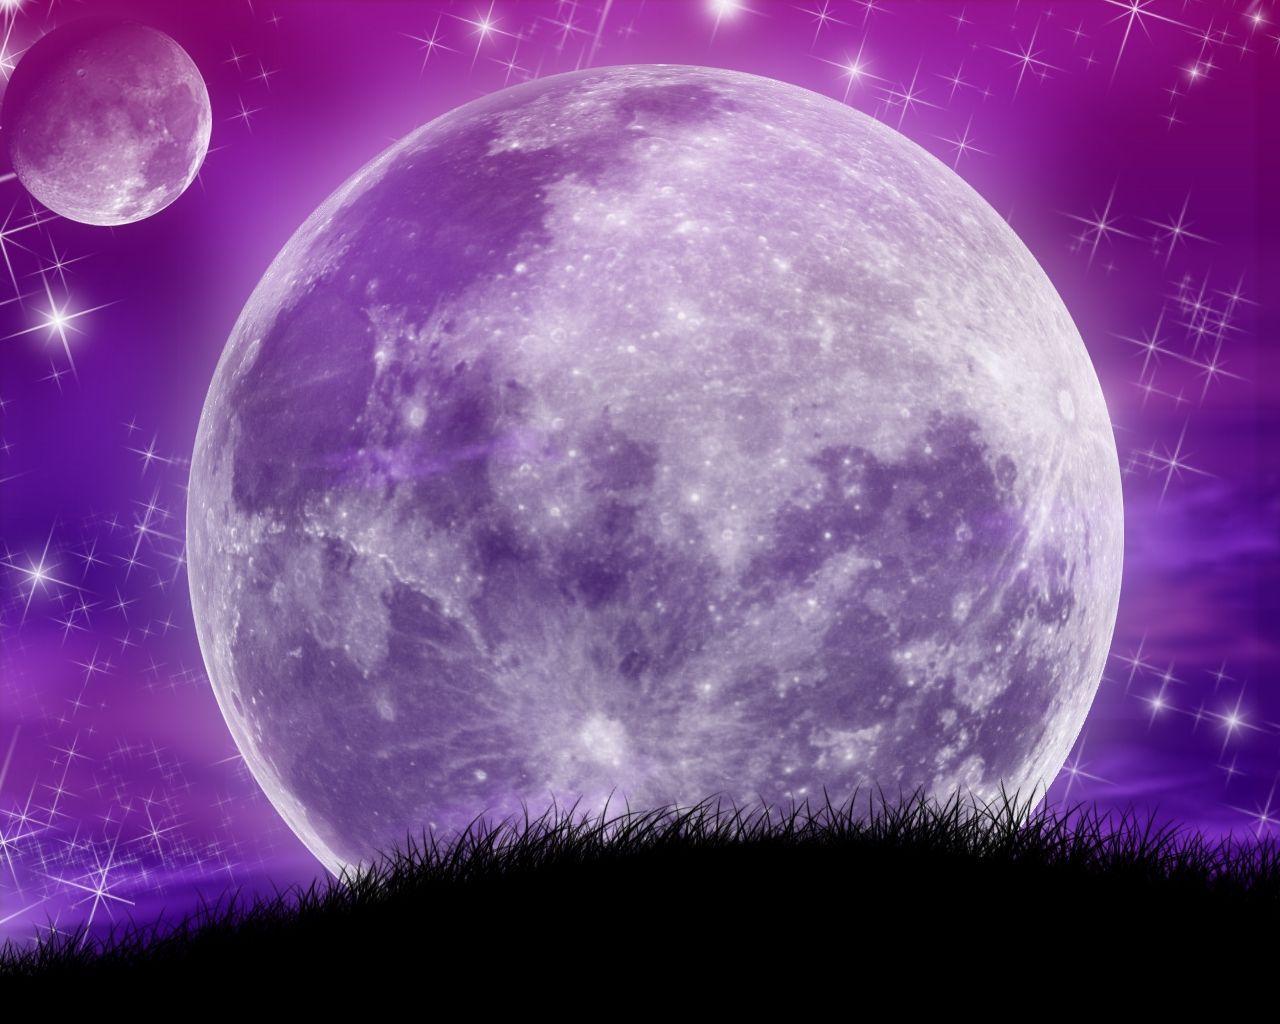 Paysage magique de planetes